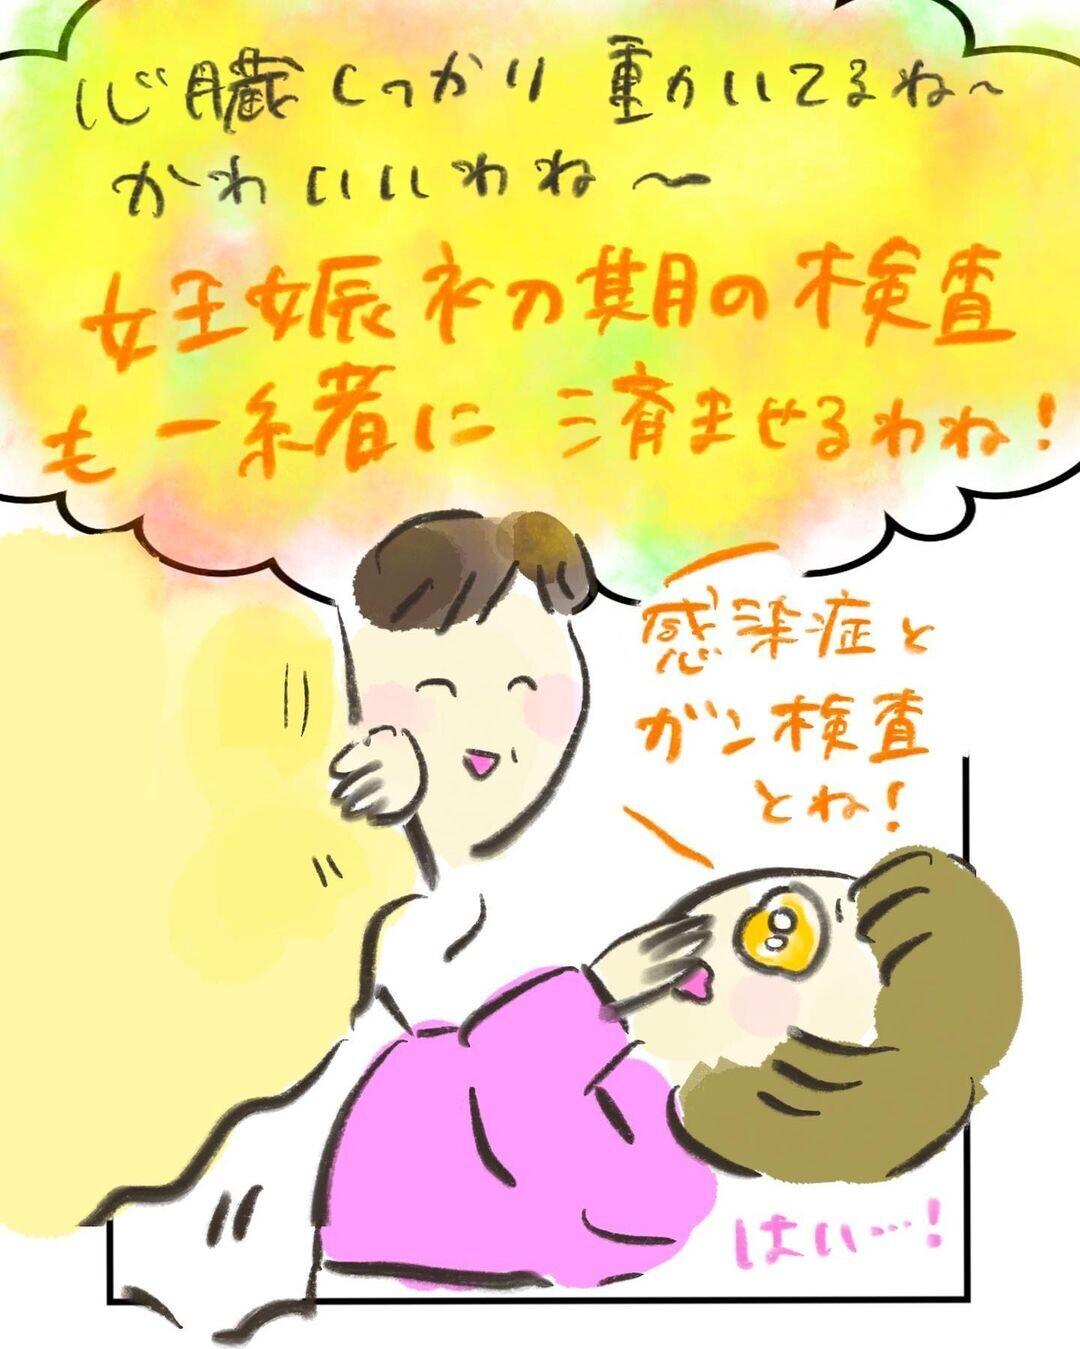 お腹の赤ちゃんに感動! しかし、ガン検査に引っ掛かってしまい…【妊娠中に前ガン病変が見つかった話  Vol.1】